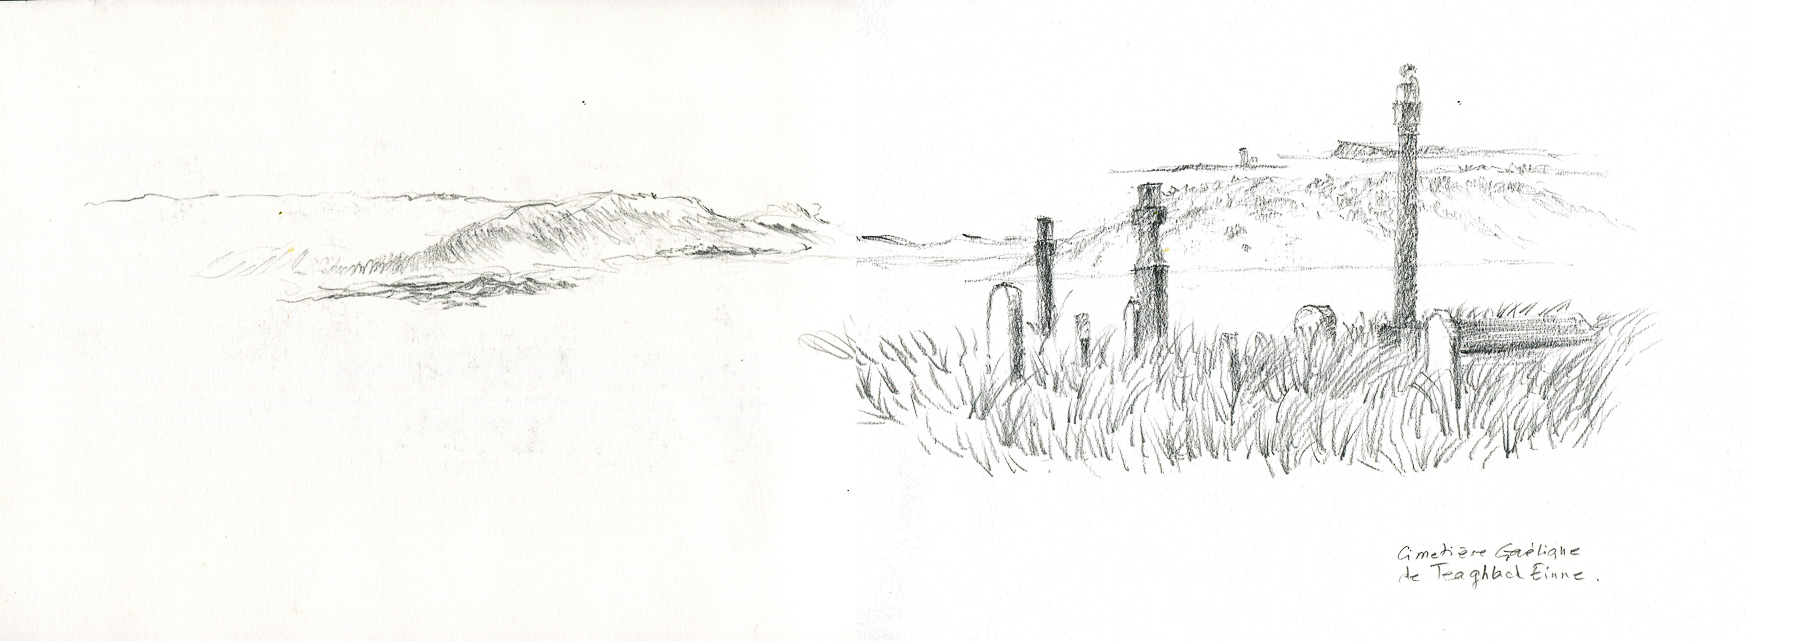 Cimetière gaélique sur Inis More